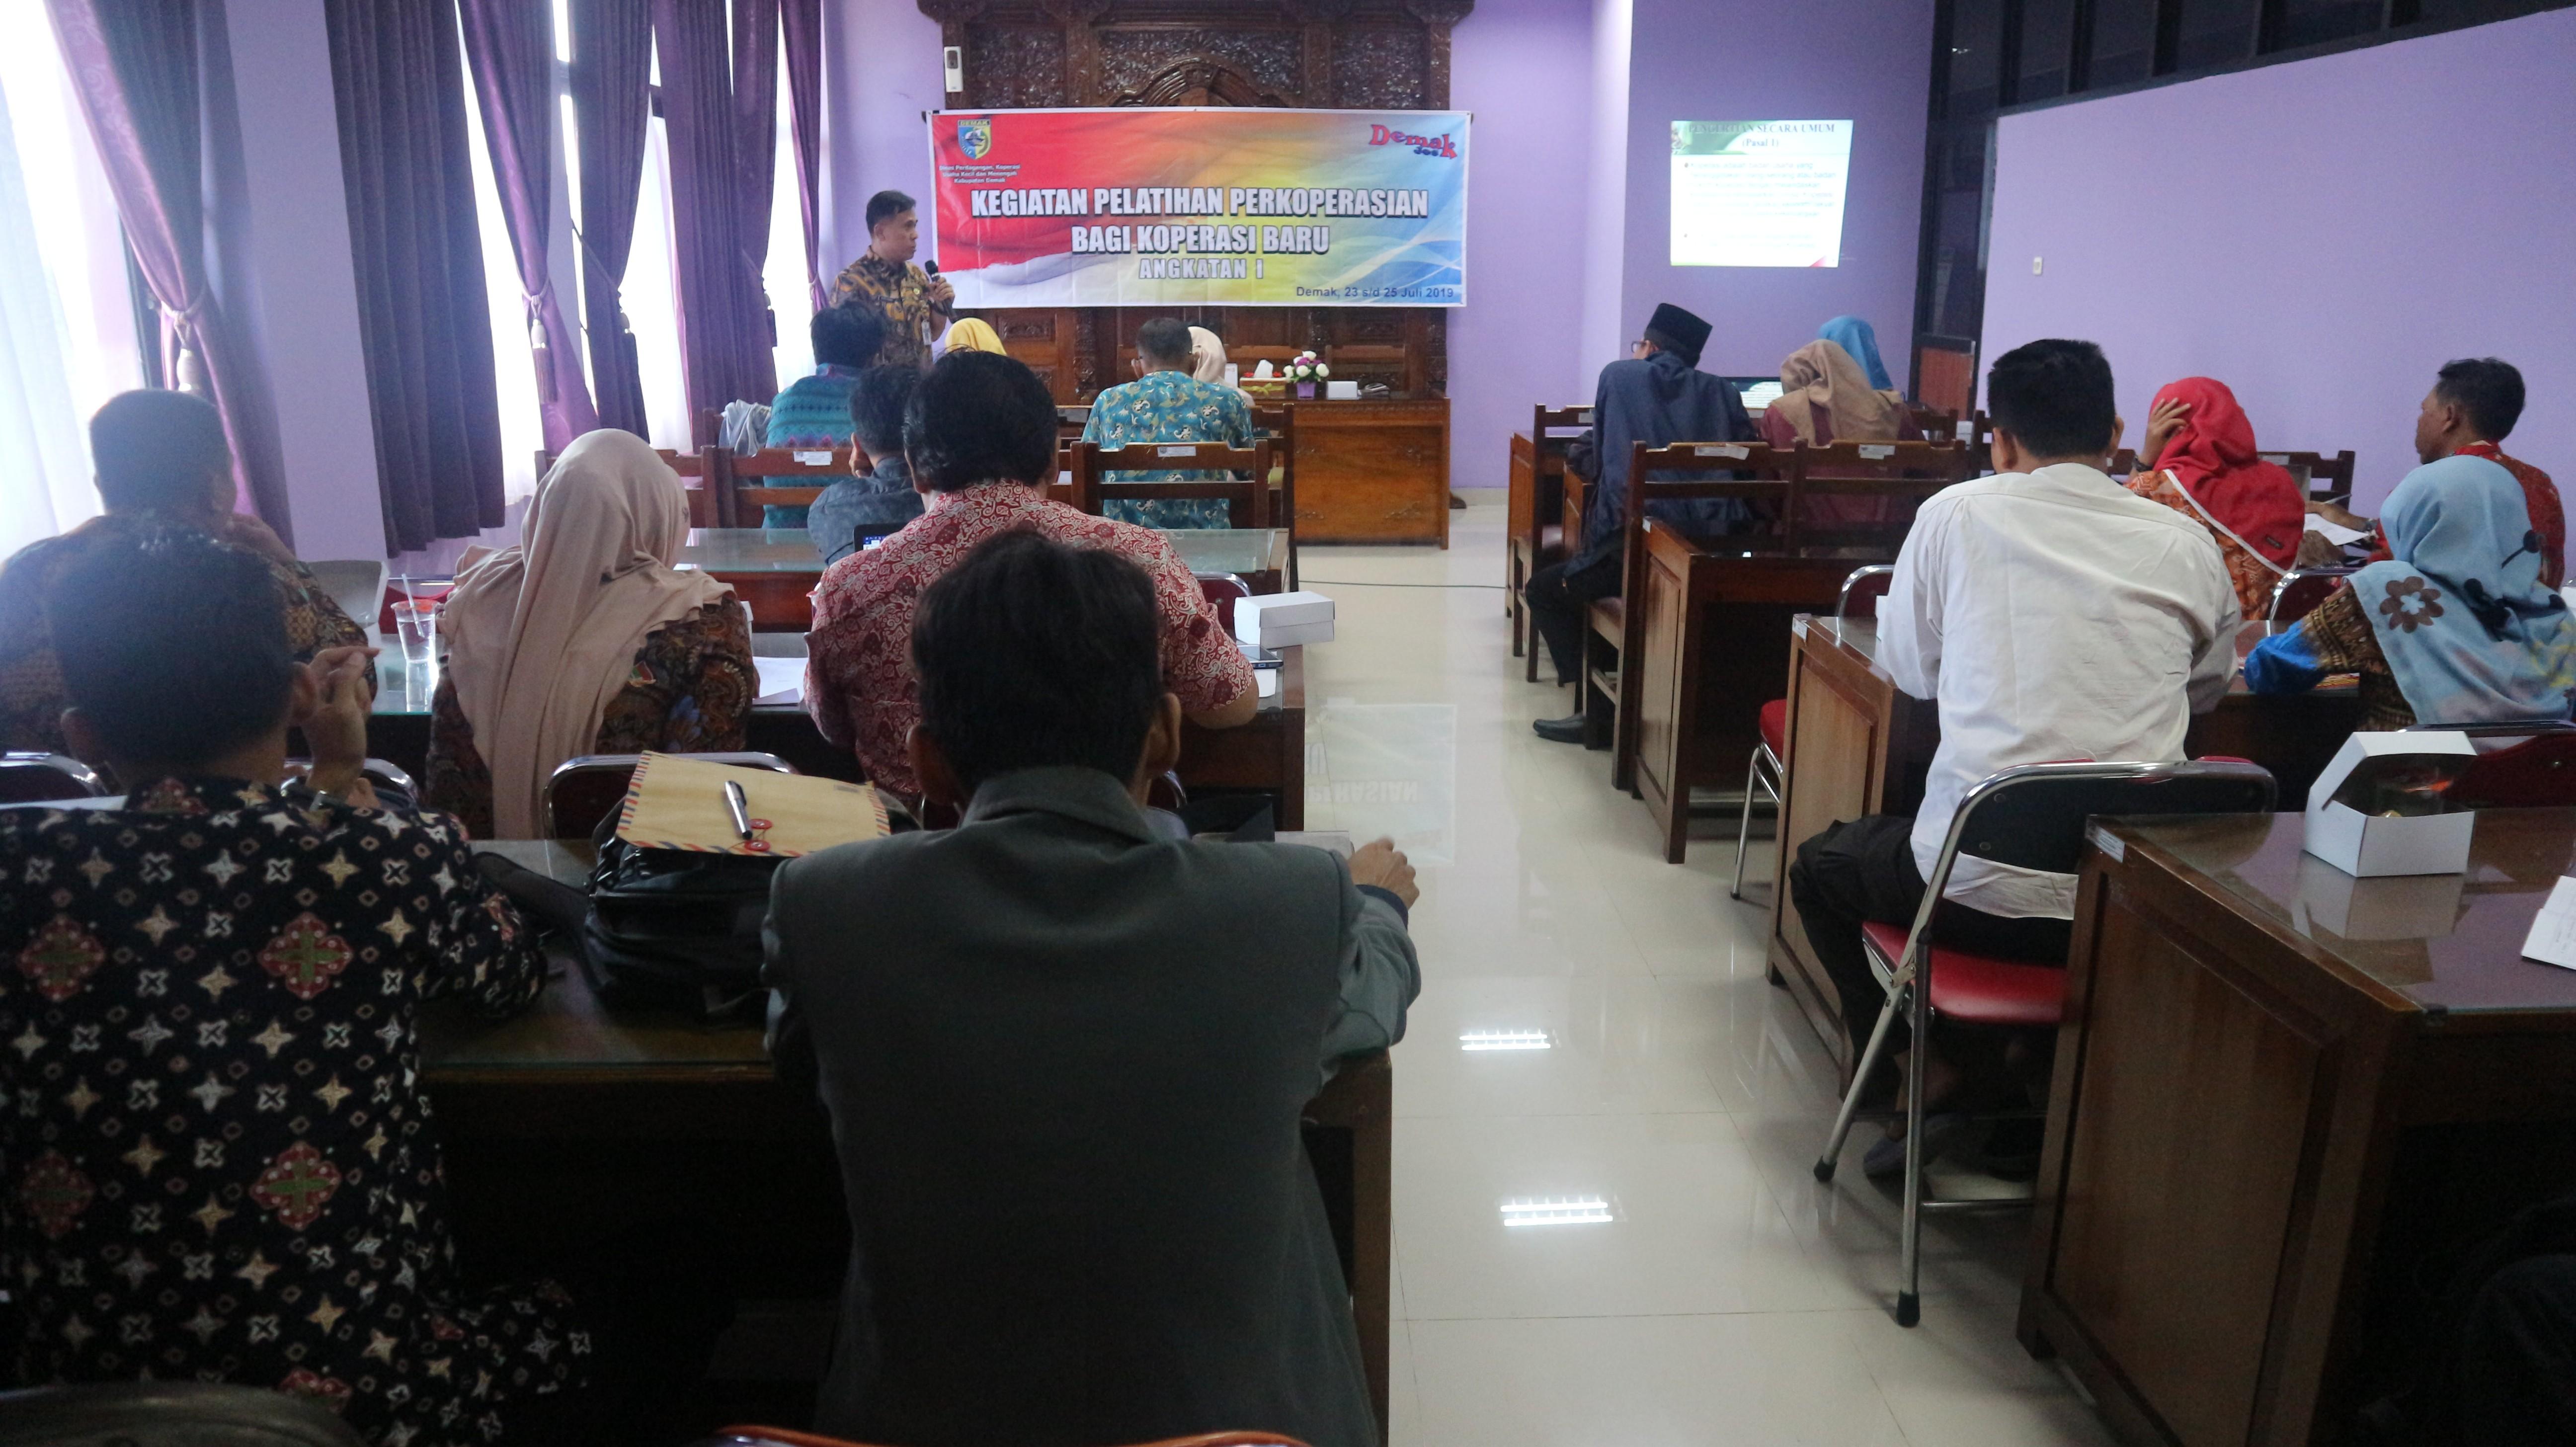 Pelatihan Perkoperasian Bagi Koperasi Baru (Lanjutan Hari ke 3)